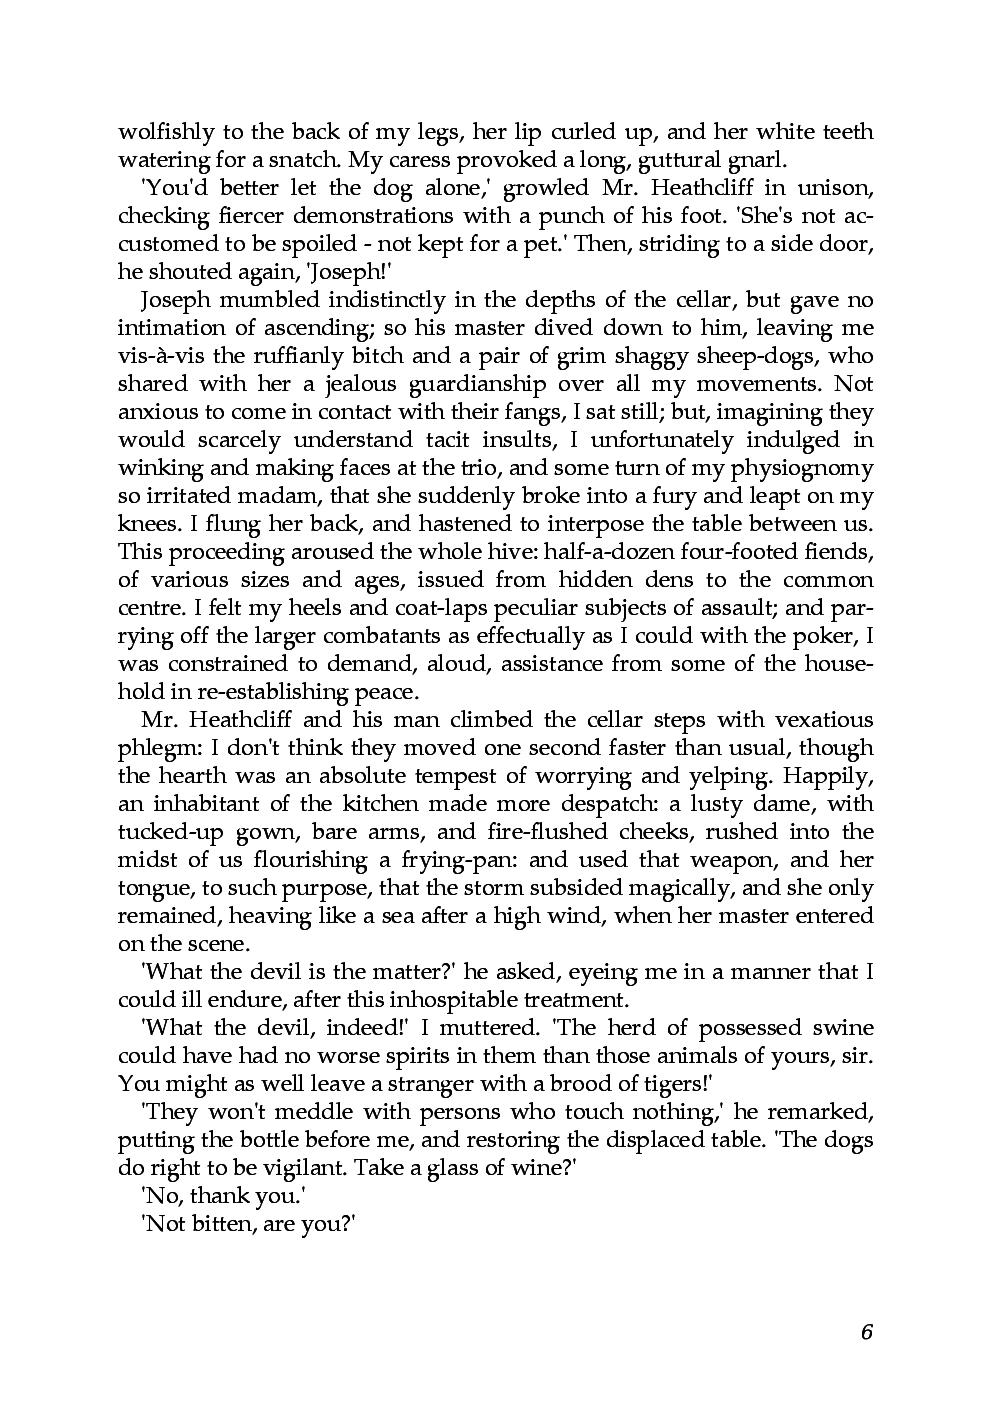 Gentleman  Subject   Letter